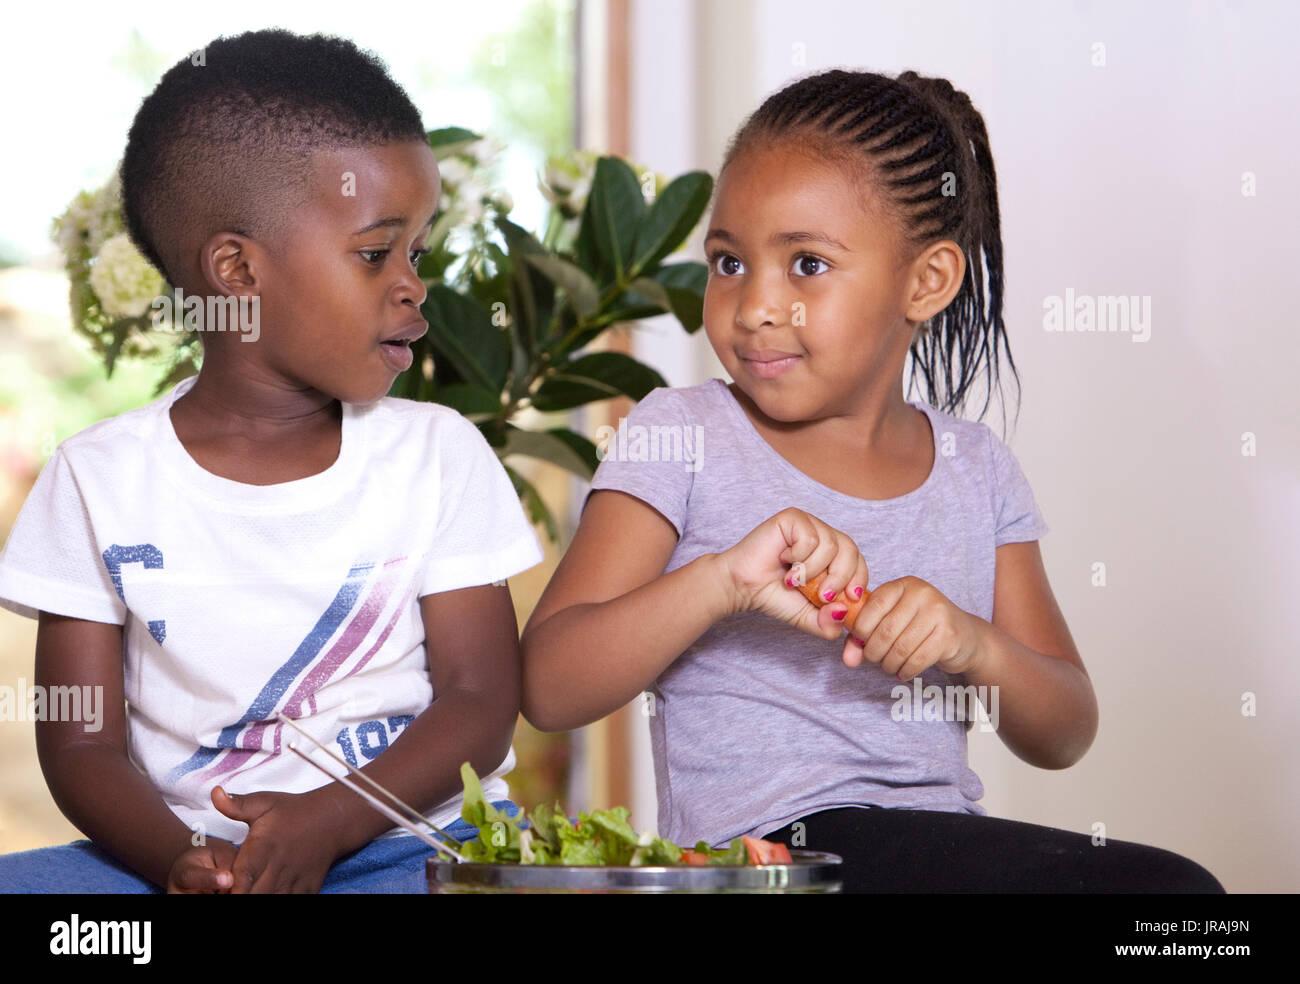 Niña rompiendo una zanahoria para compartir con su hermano Imagen De Stock